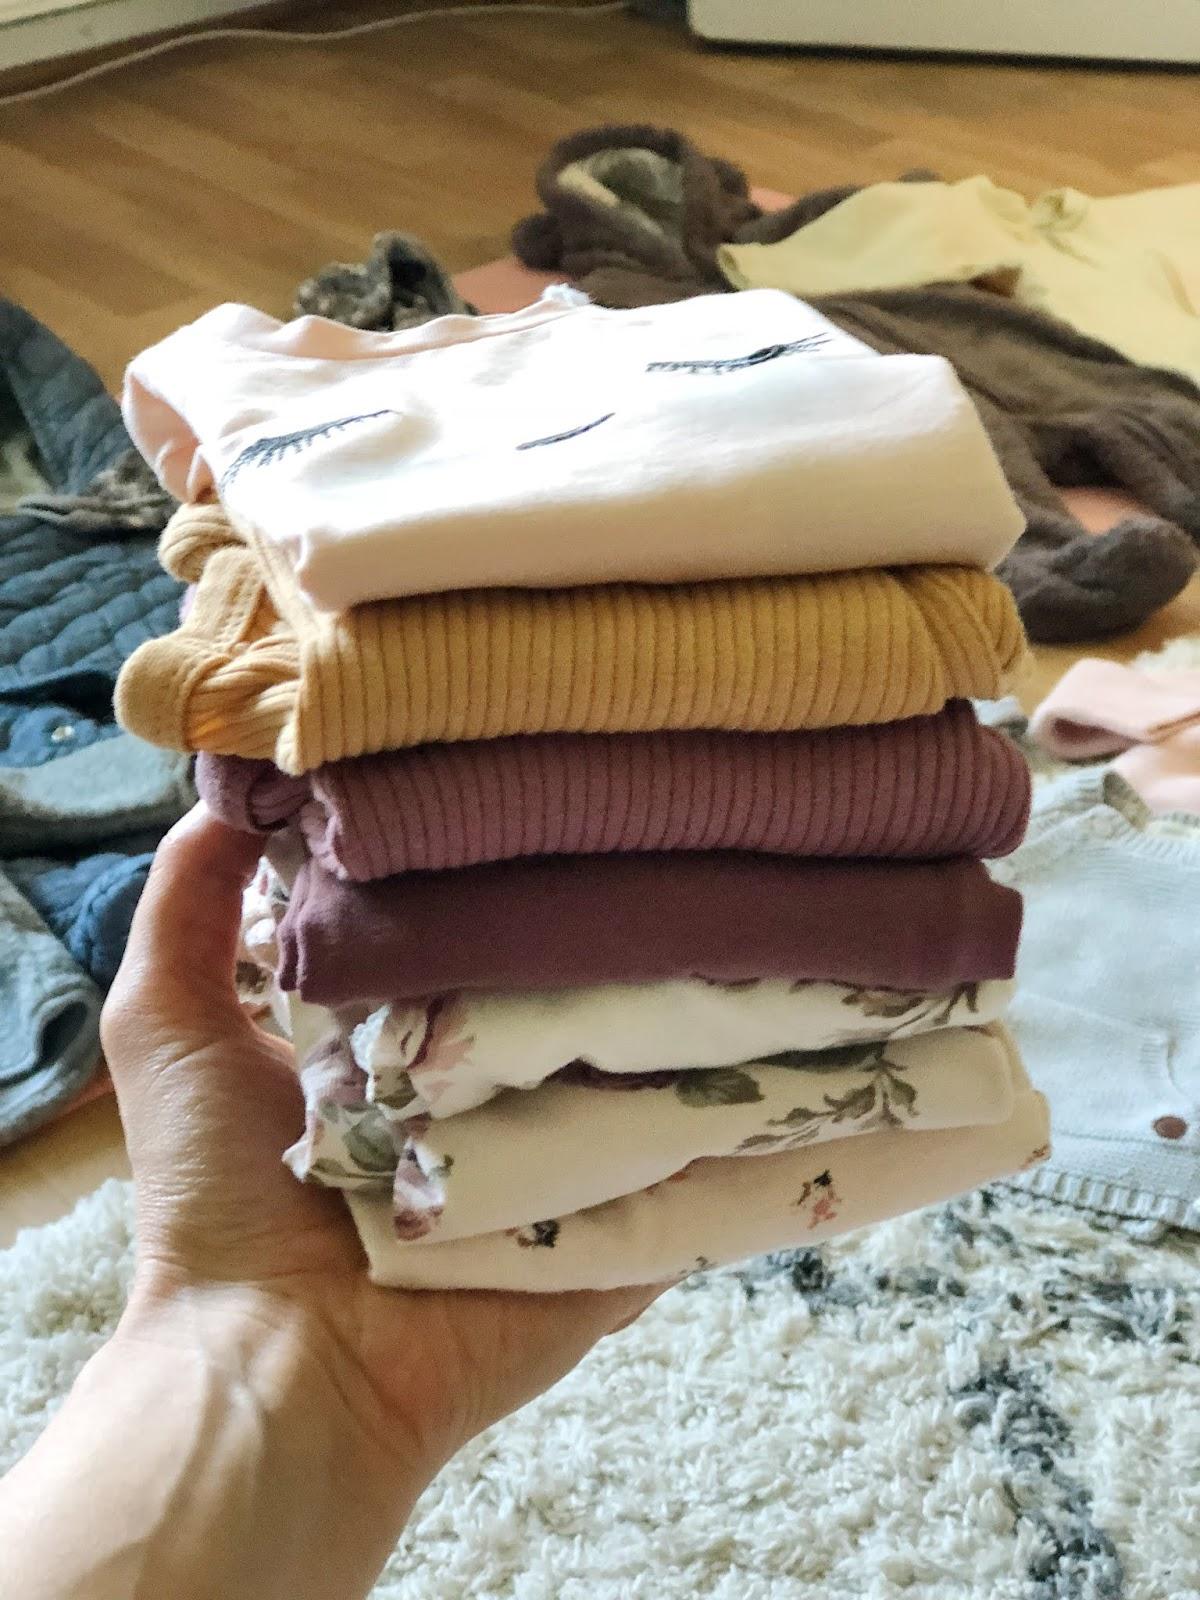 Meiltä vaatteita Ipanaisella myynnissä!